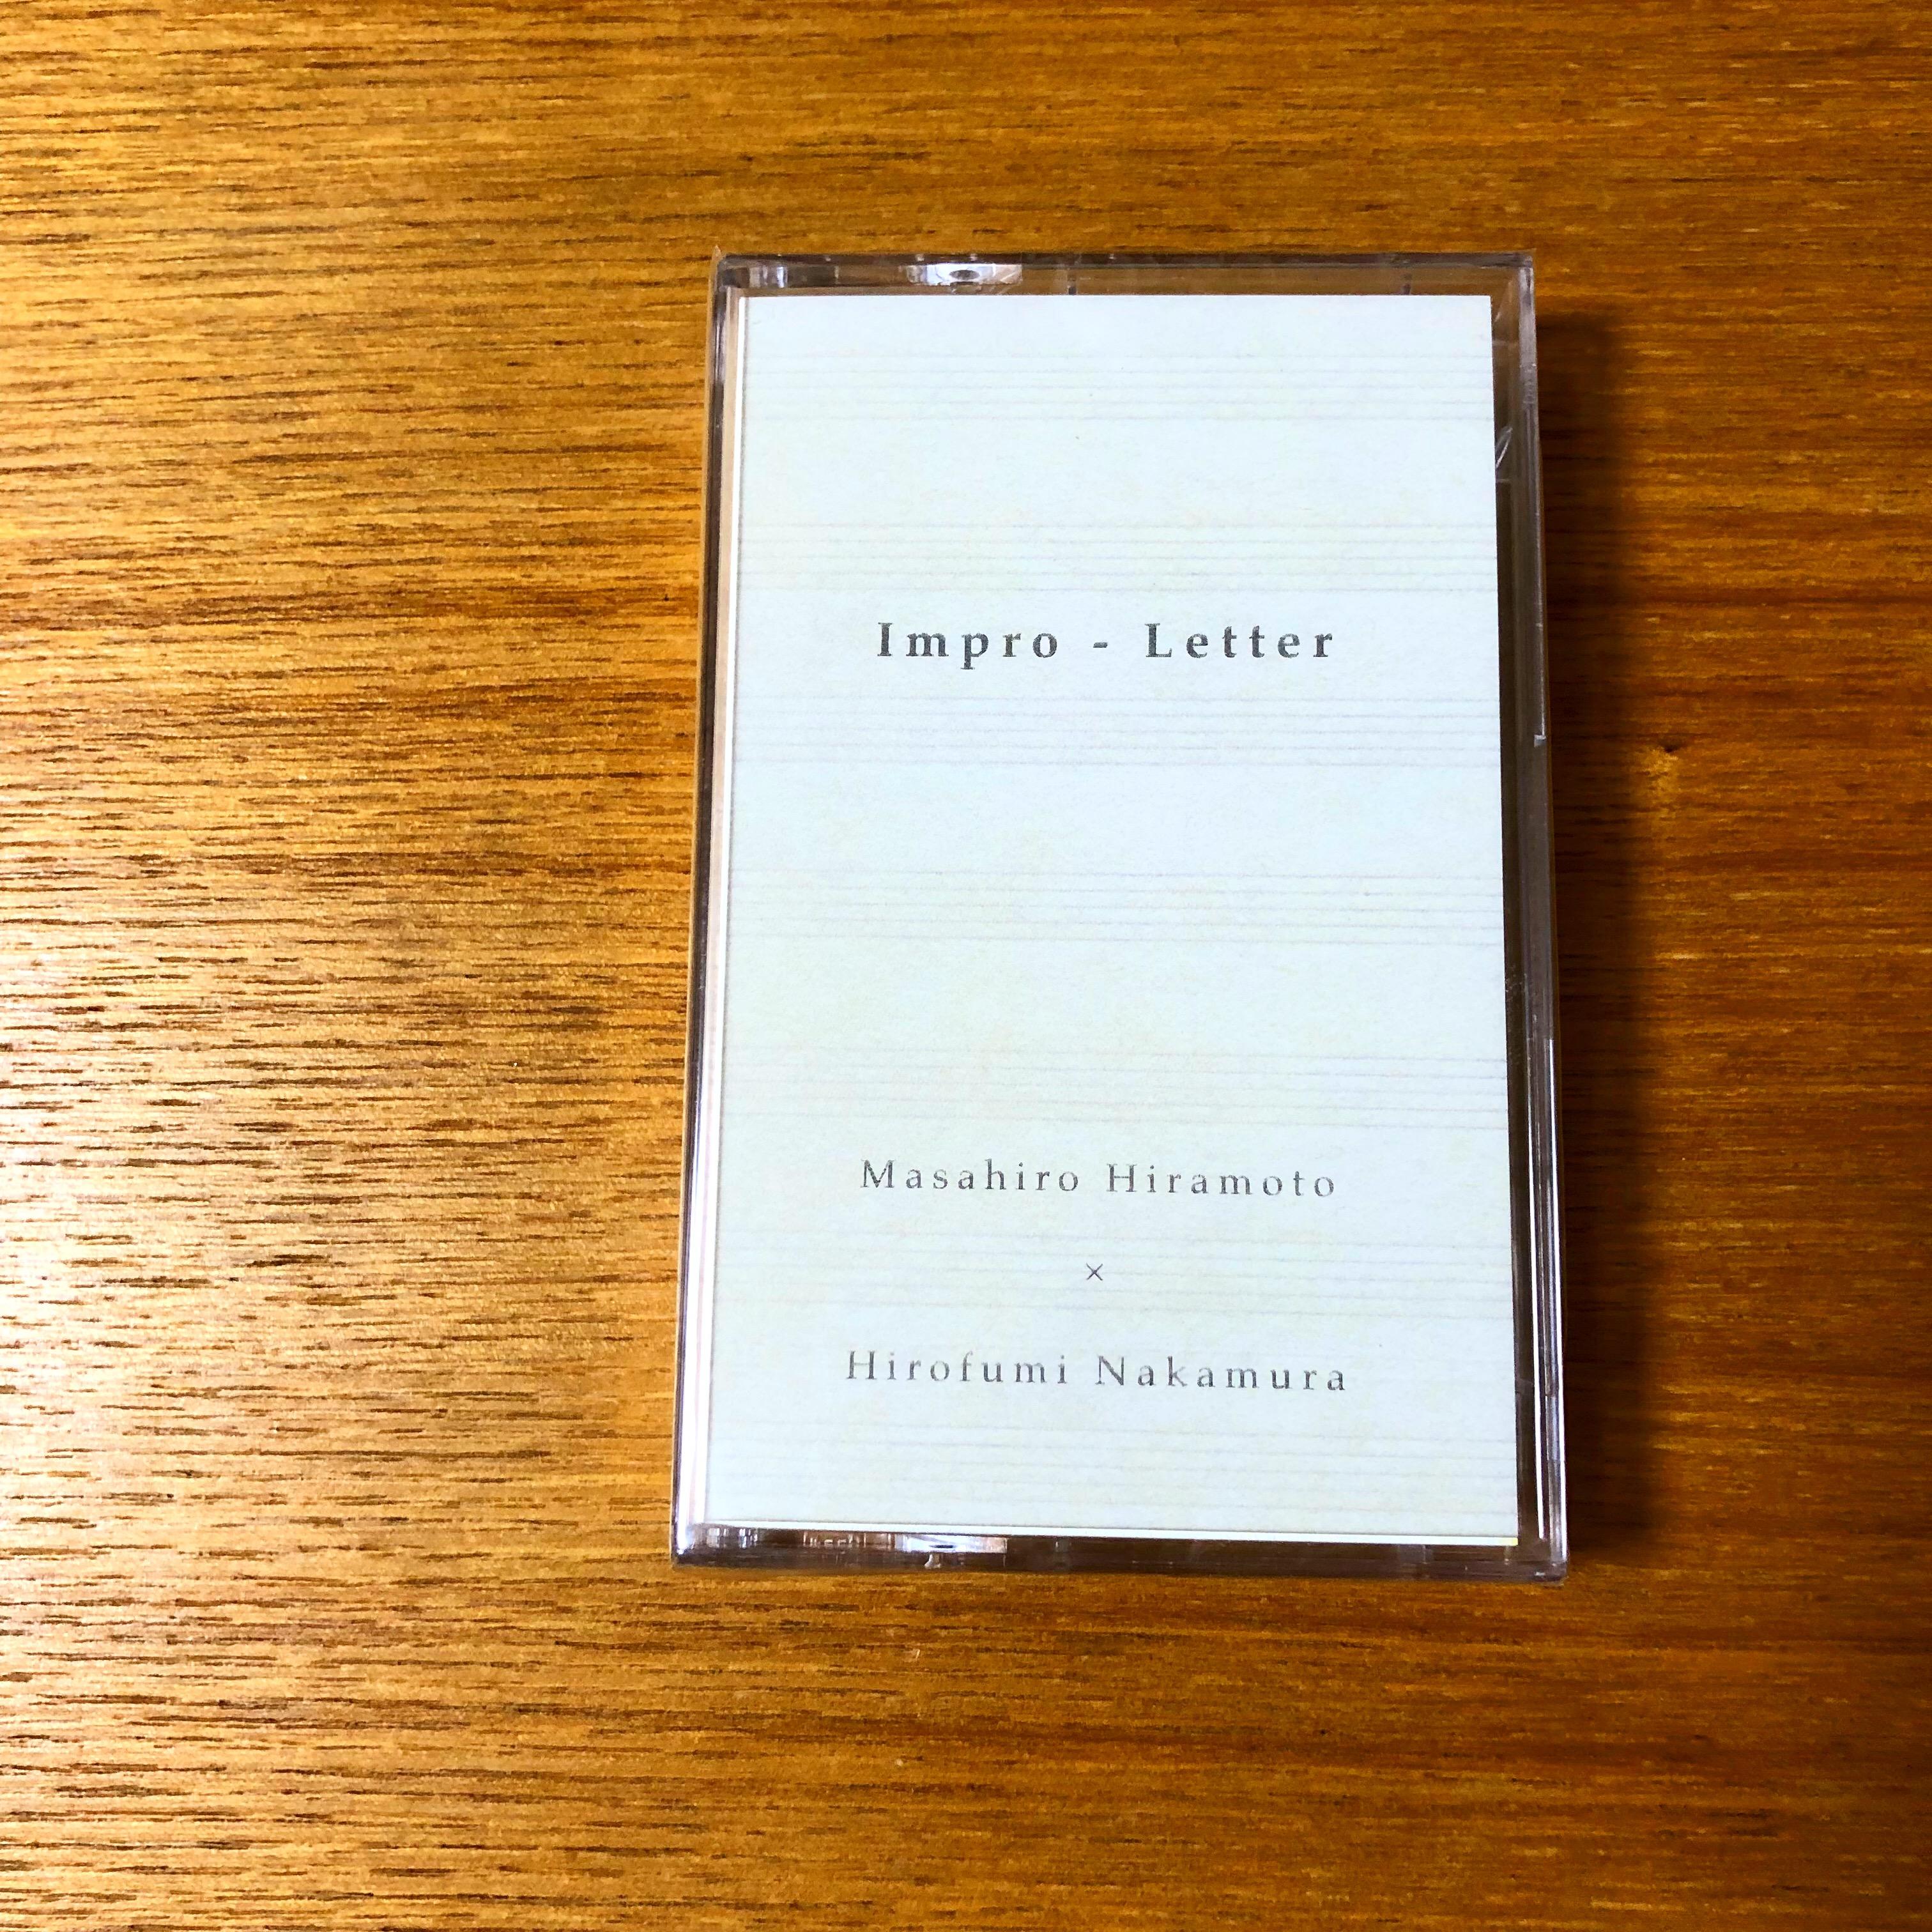 「Impro – Letter / Masahiro Hiramoto & Hirofumi Nakamura」リリース